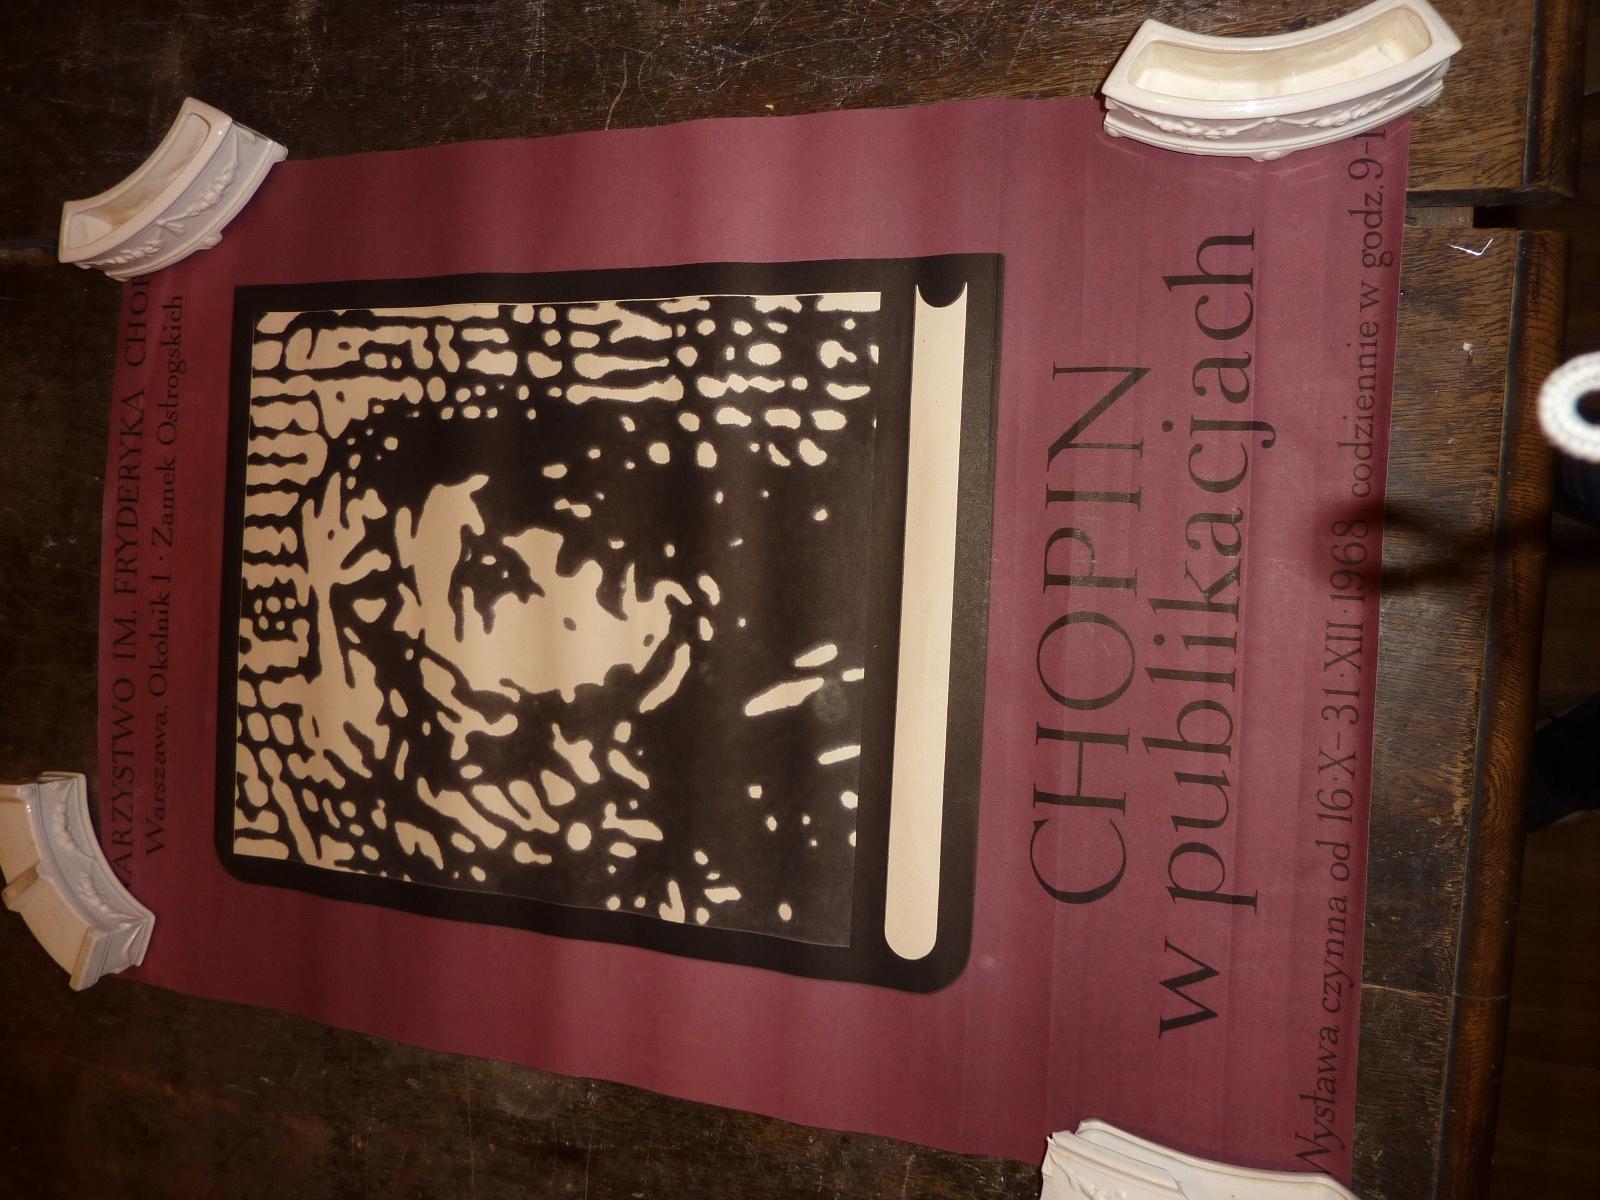 CHOPIN W PUBLIKACJACH 1968